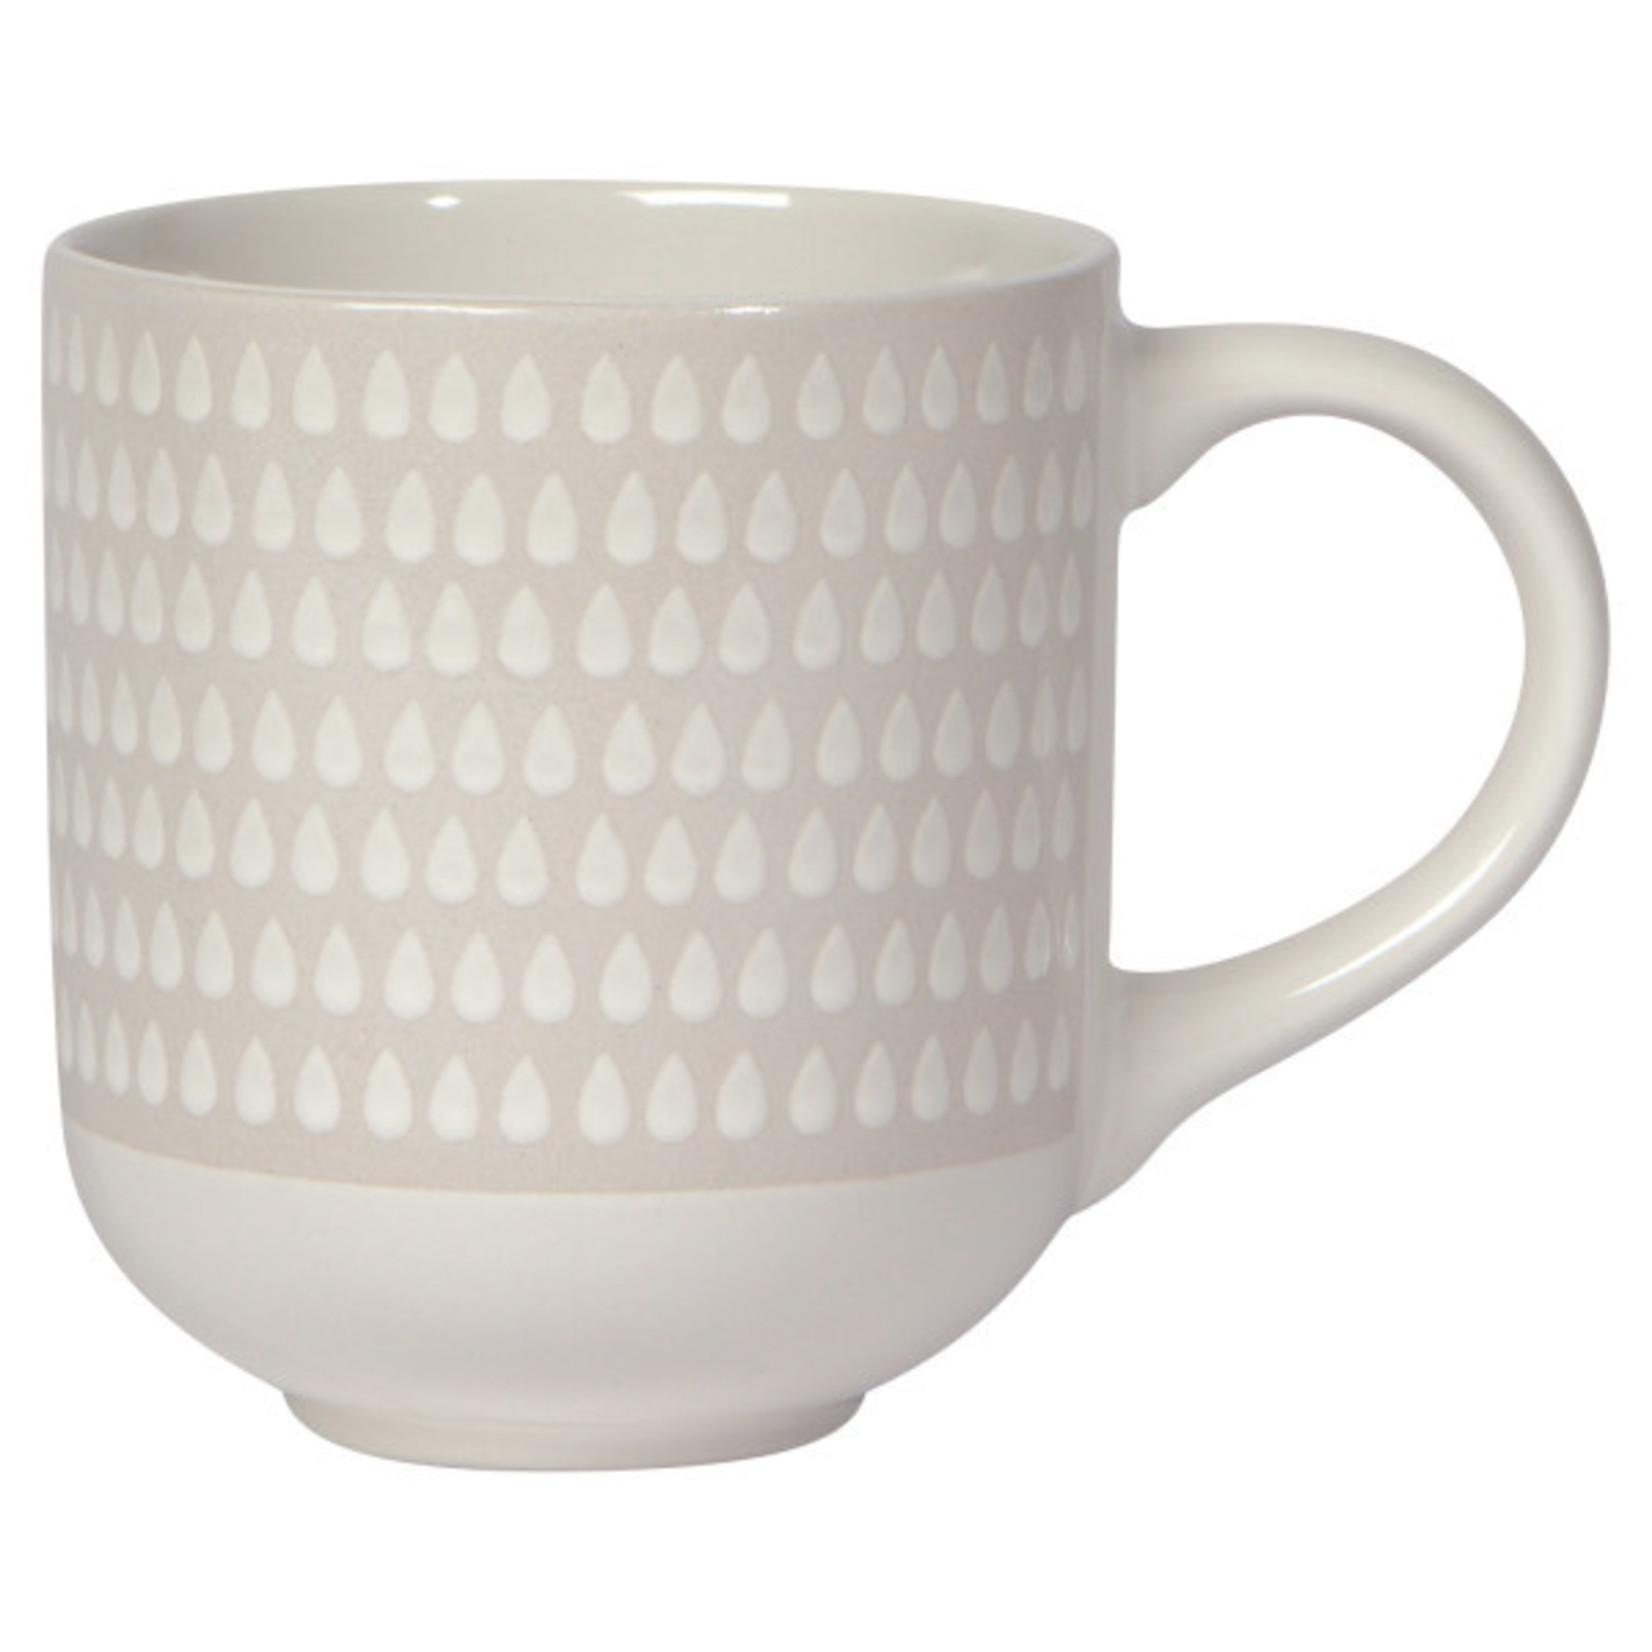 Heirloom Cloudburst Mug